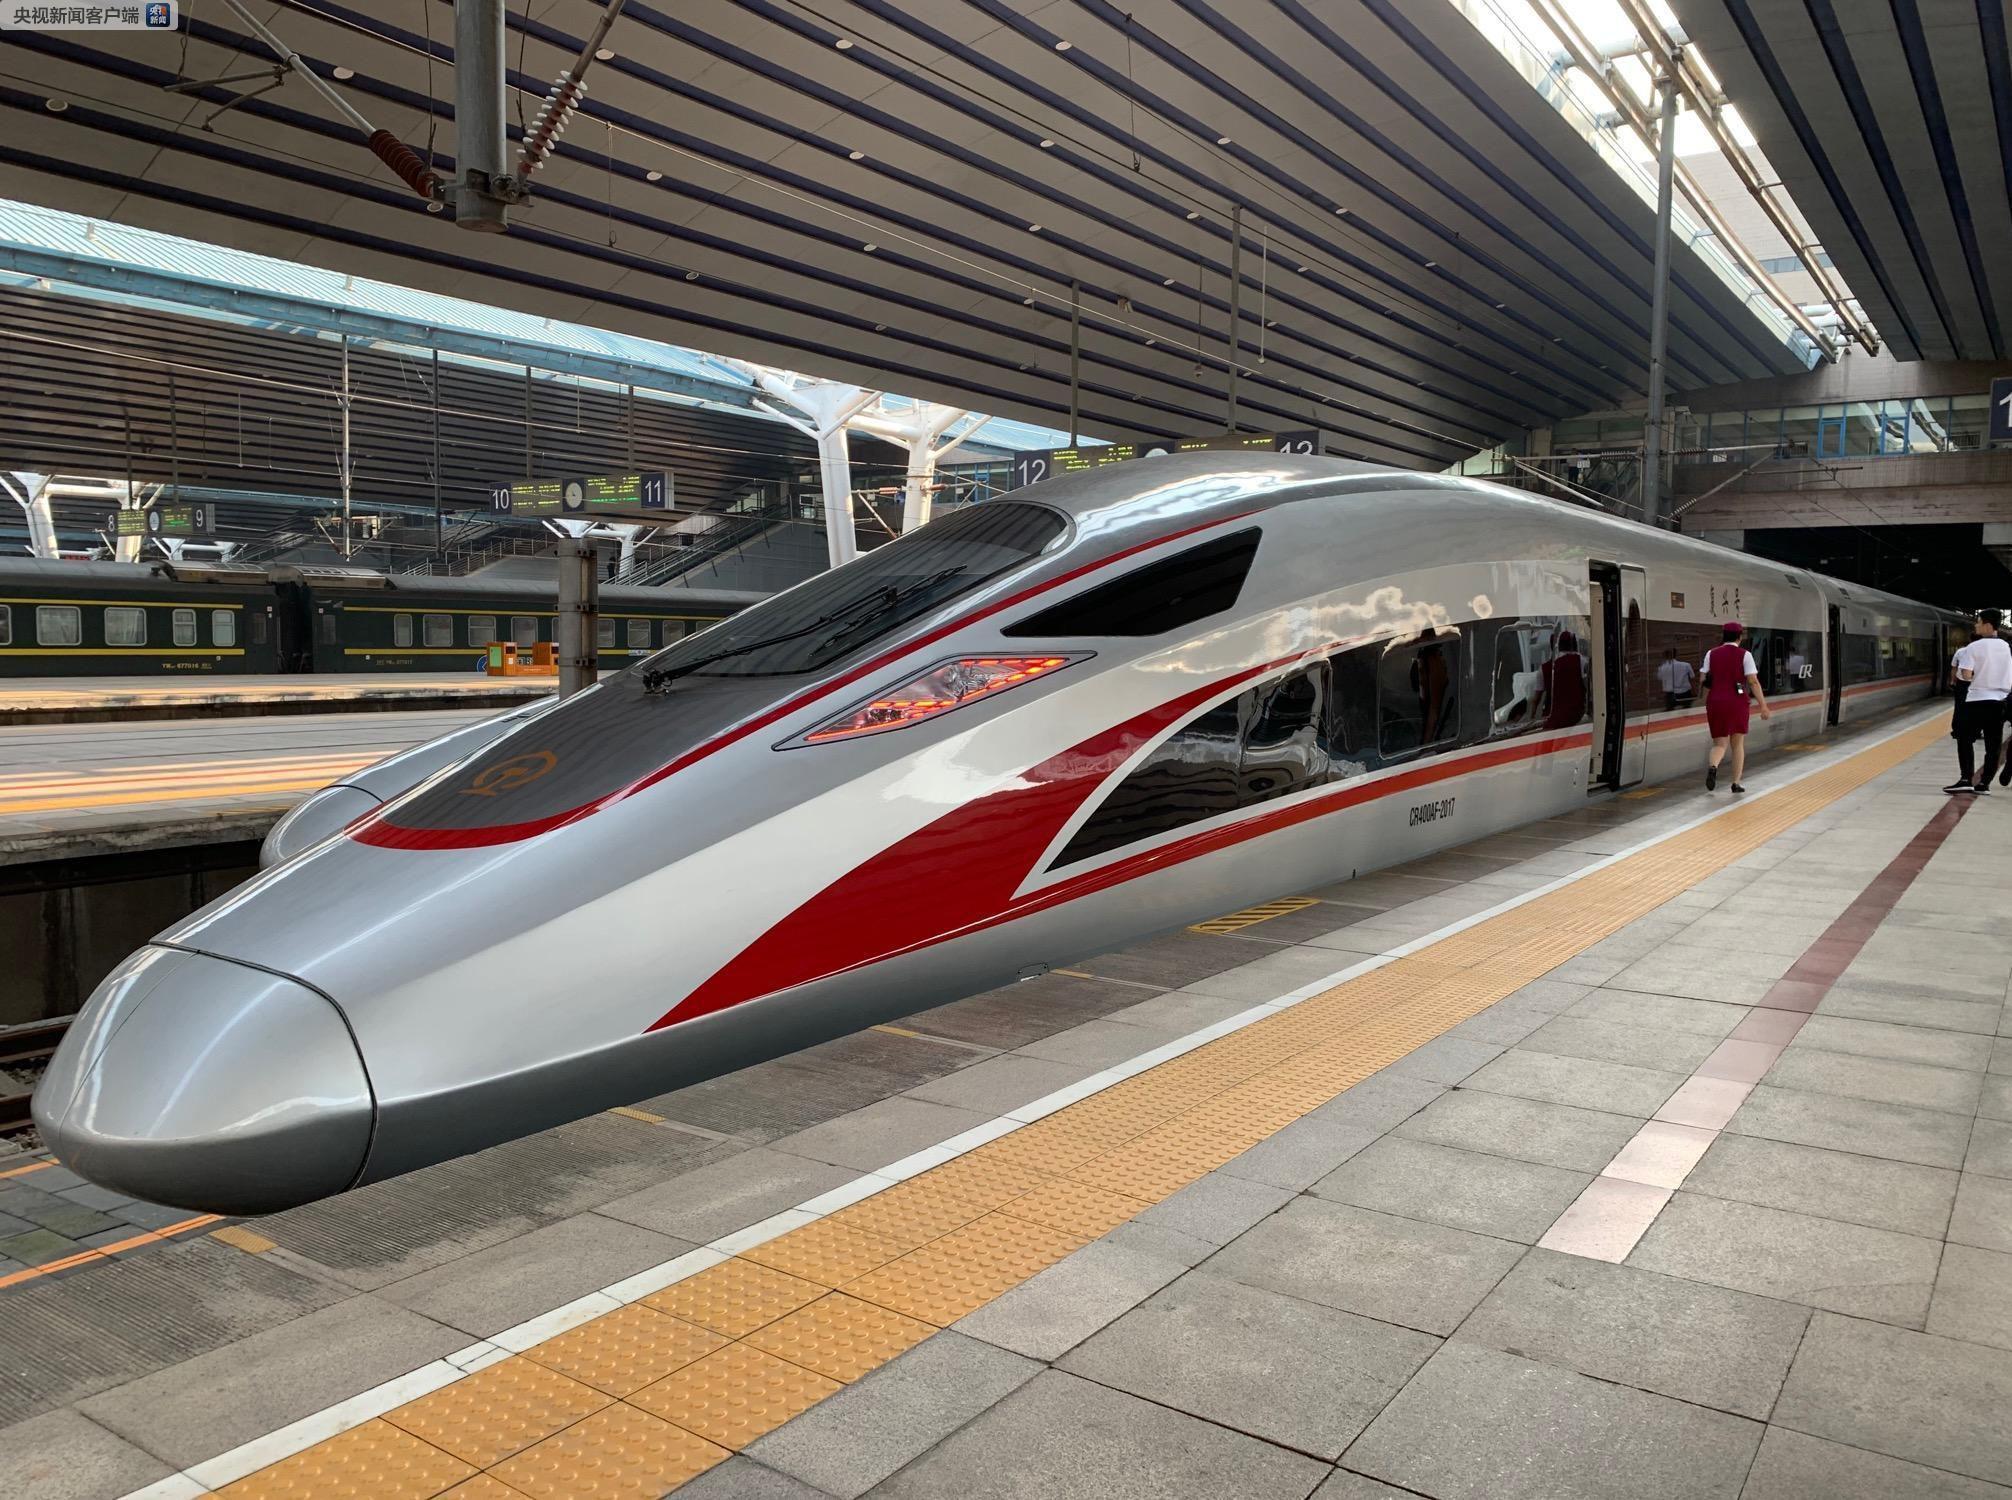 开通倒计时!京雄城际铁路北京段今起进入运行试验阶段